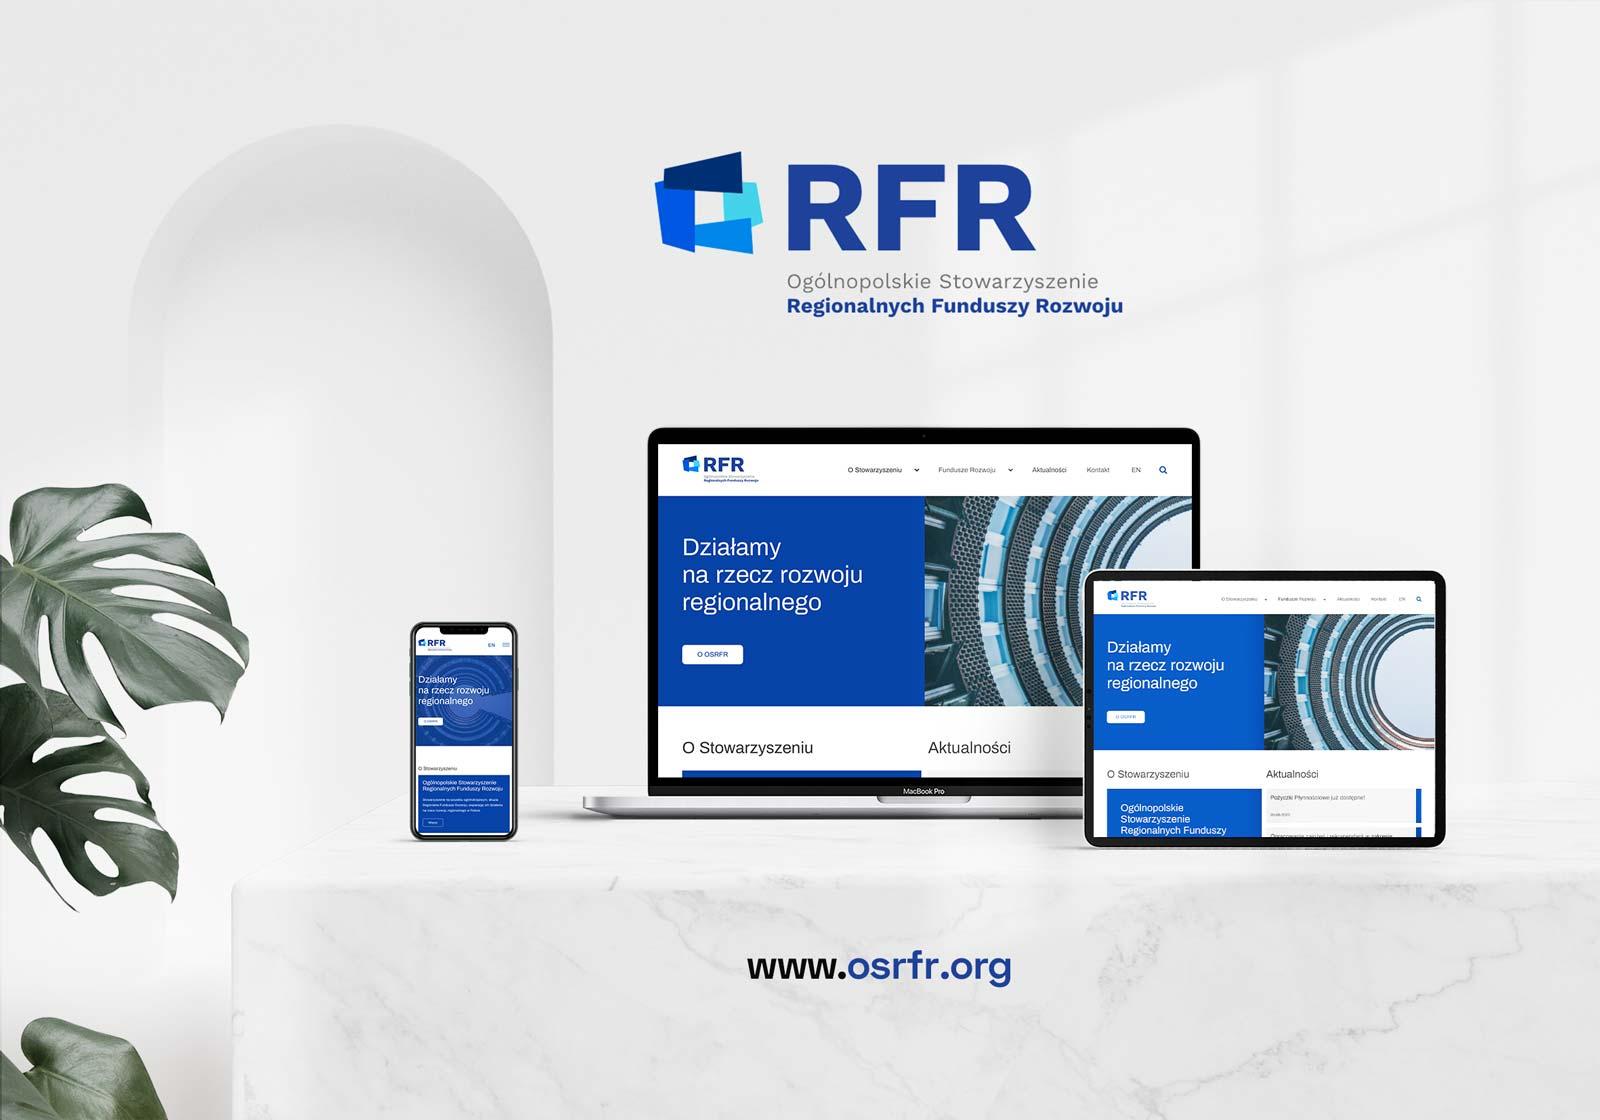 Ogólnopolskie Stowarzyszenie Regionalnych Funduszy Rozwoju